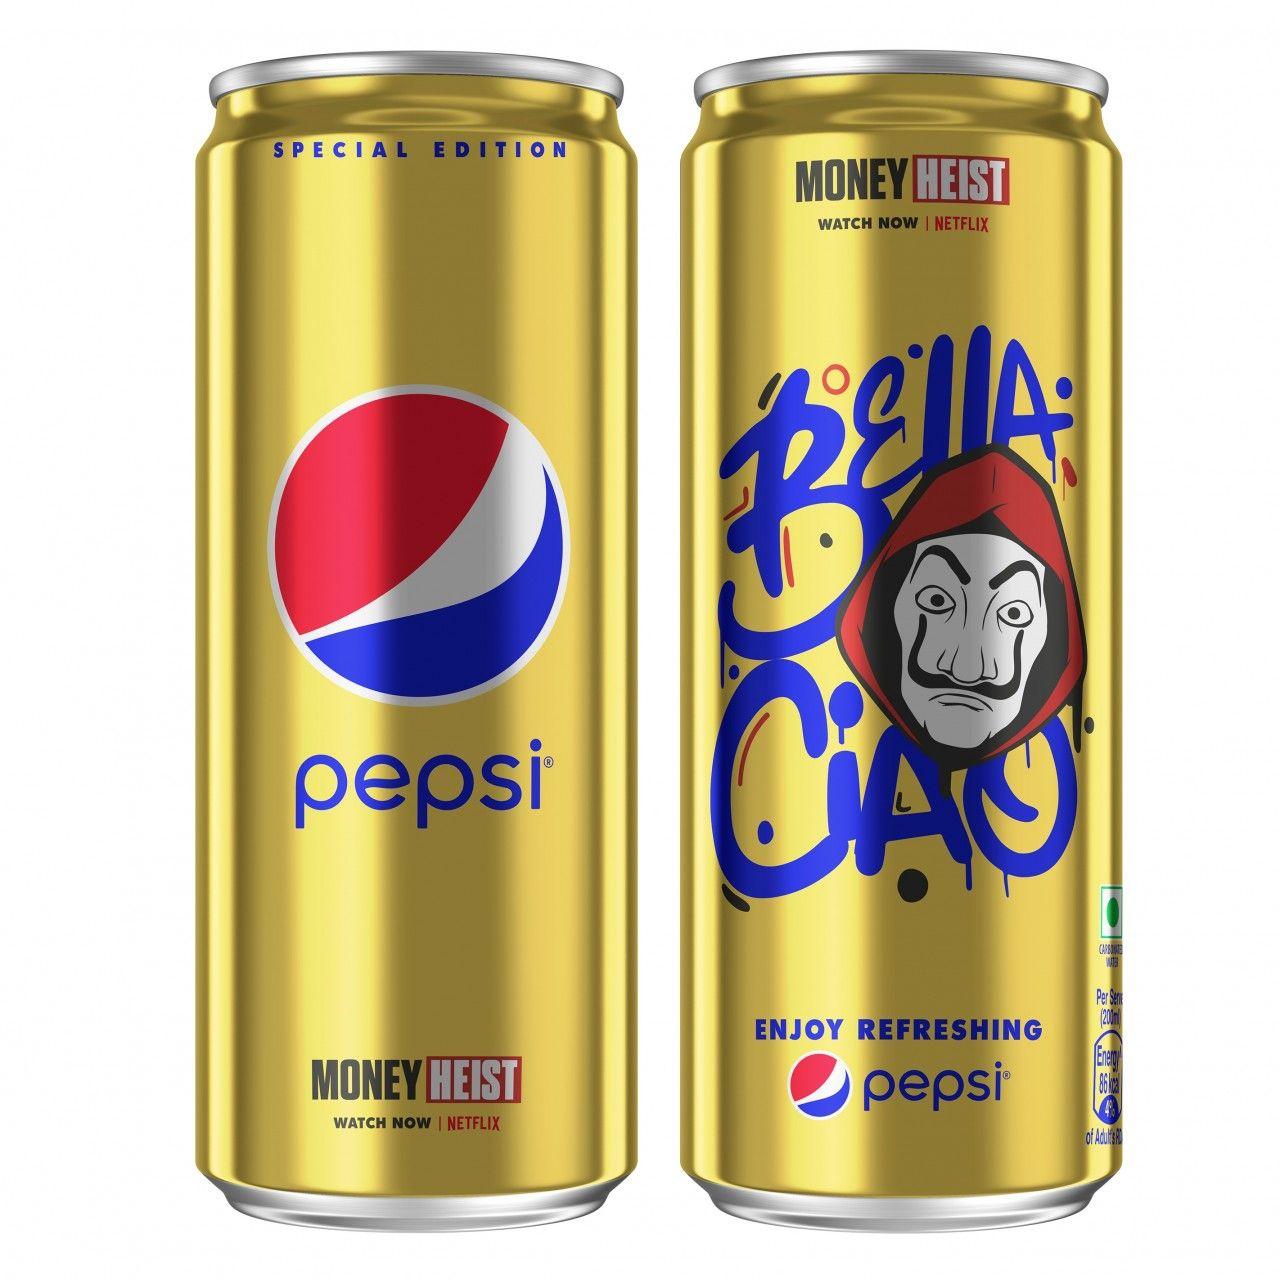 Tai sao Pepsi đặt cược lớn vào cơn sốt Money Heist tại Ấn Độ?